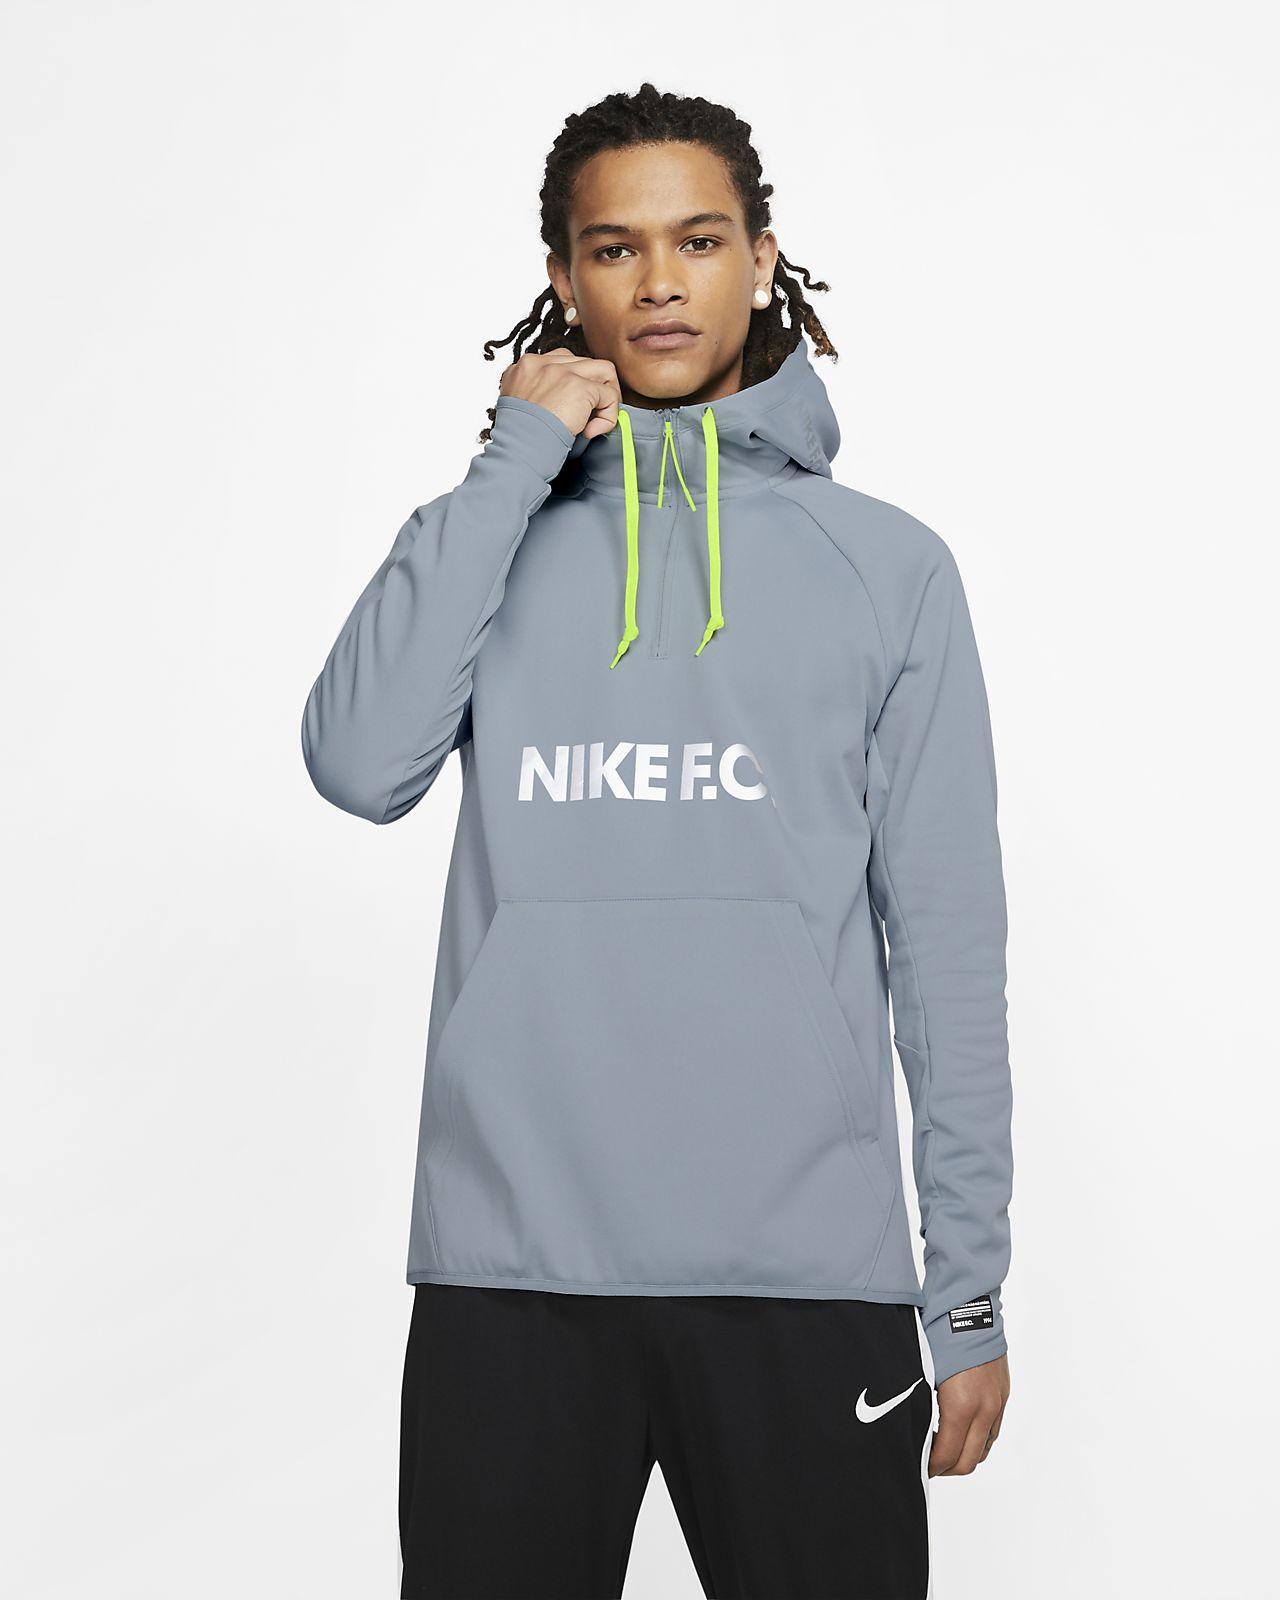 Nike F.C. Football Hoodie